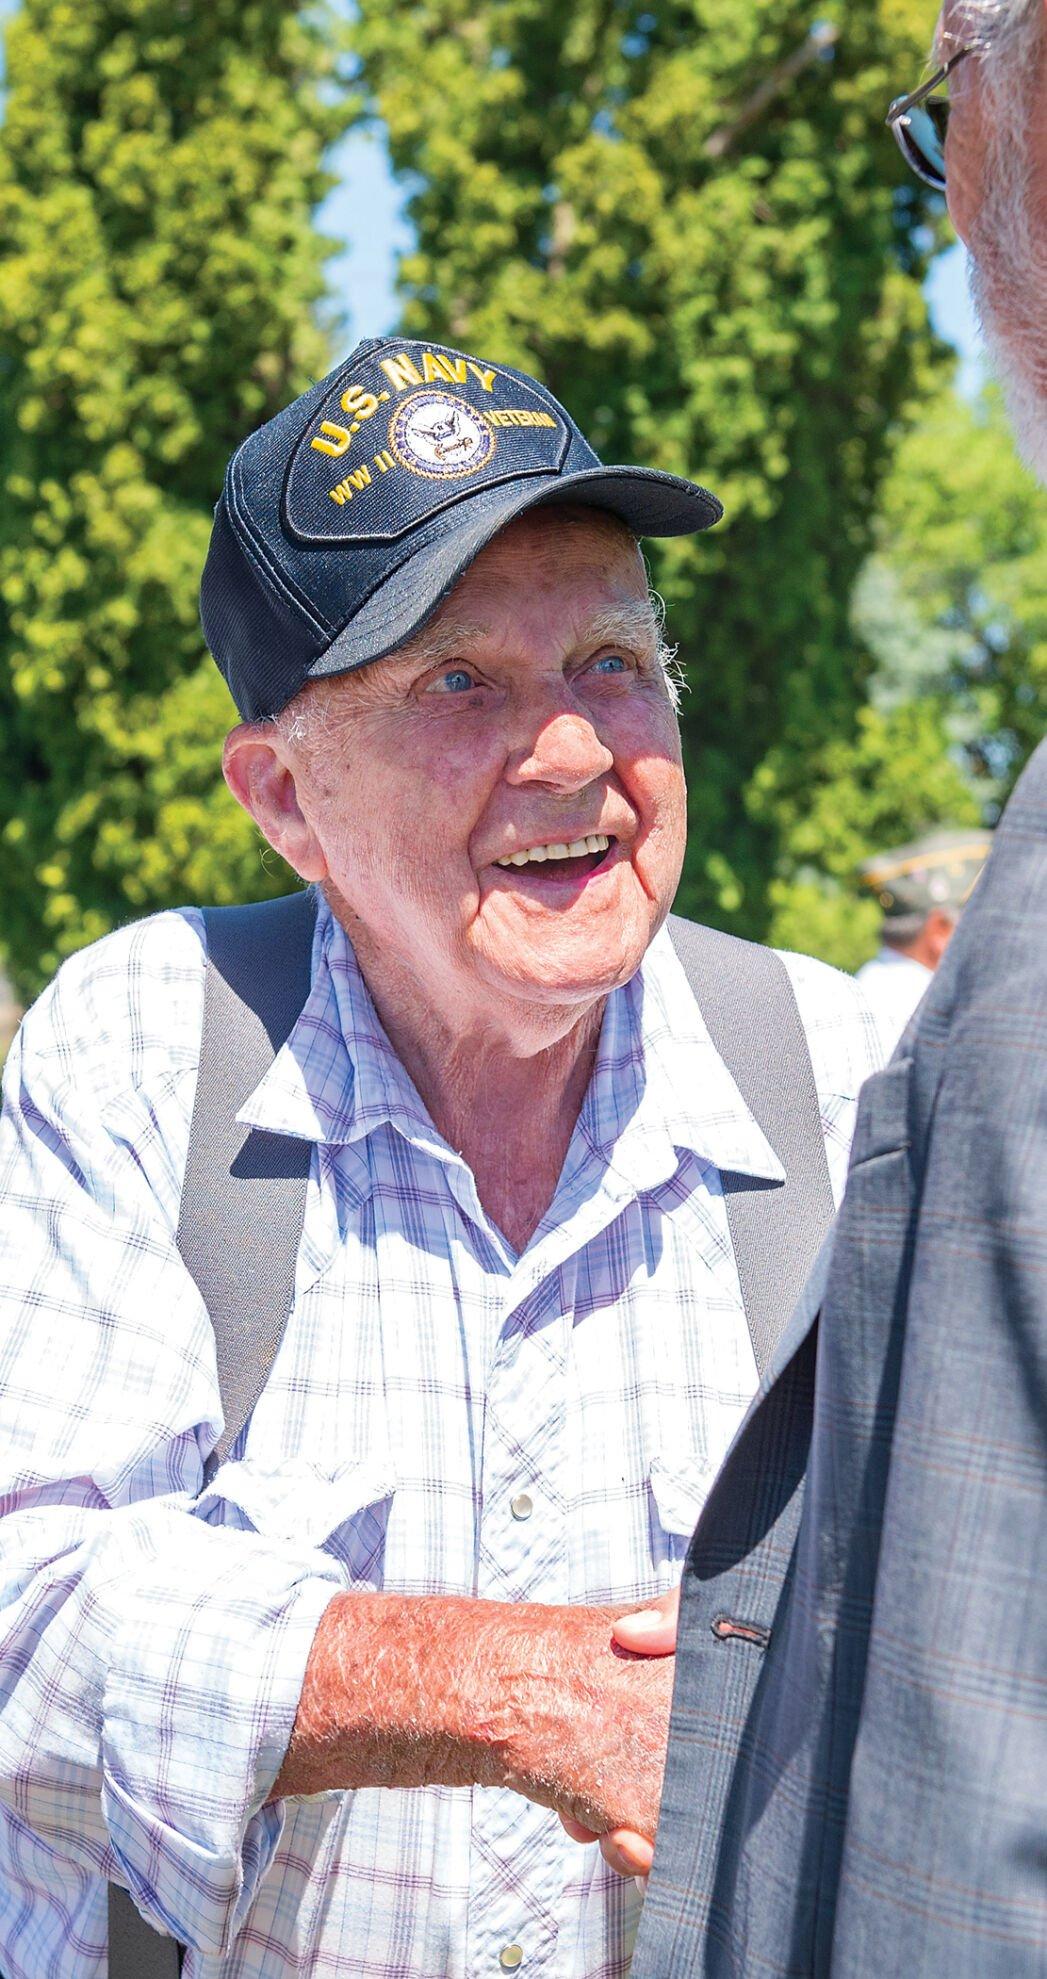 06_02_WWII Veteran_Ralph Prescott_PWS9442.jpg